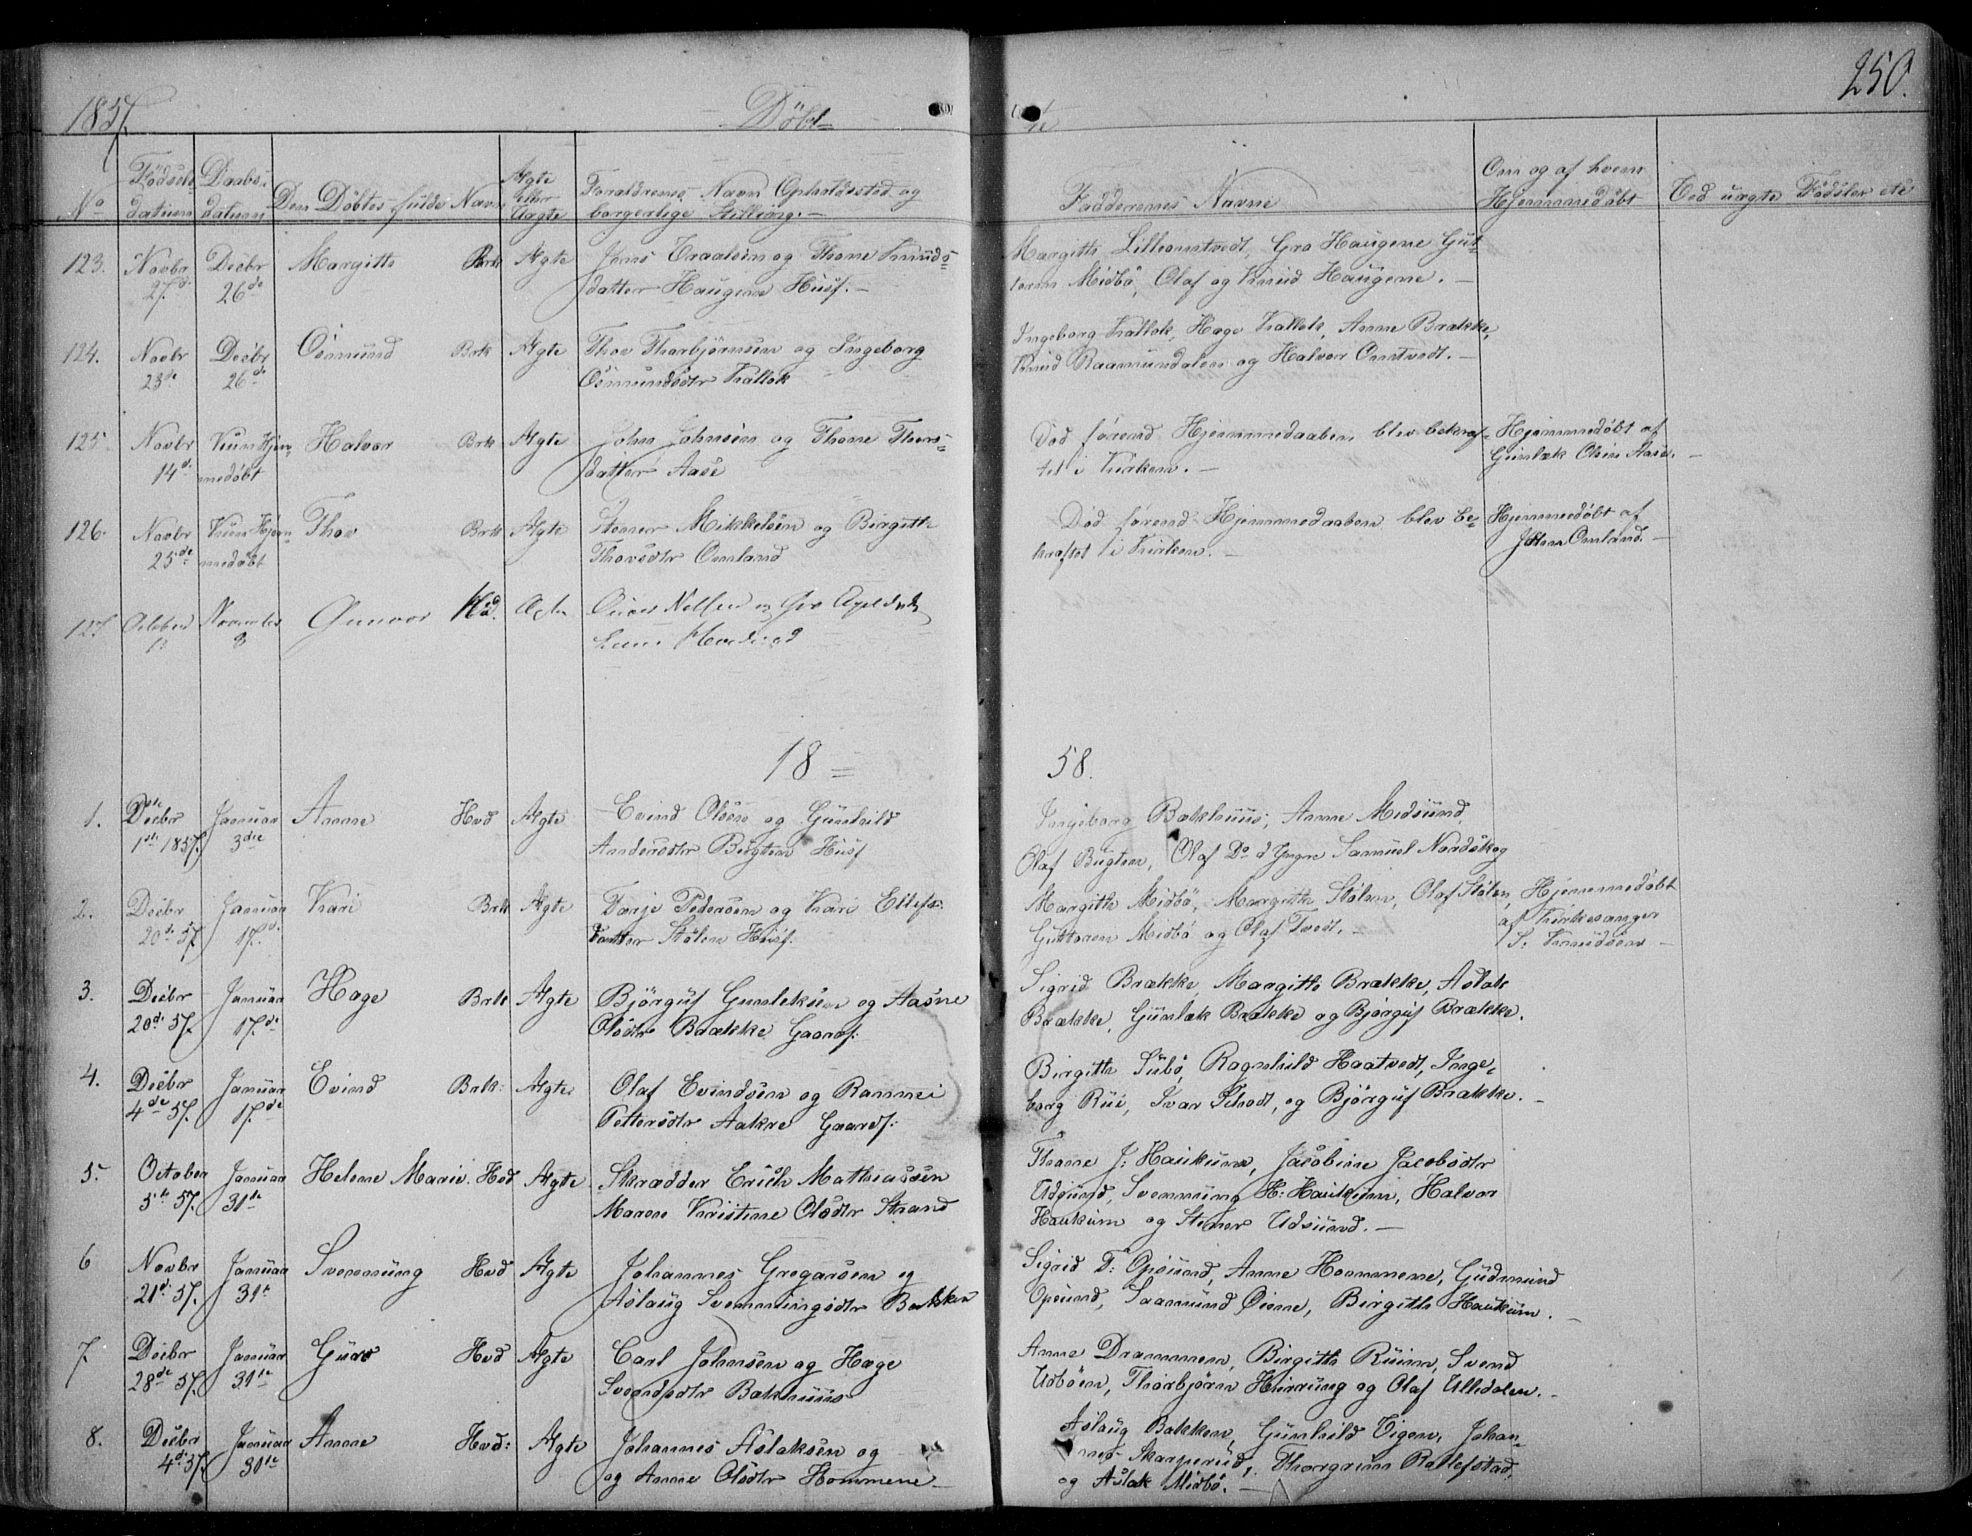 SAKO, Kviteseid kirkebøker, F/Fa/L0006: Ministerialbok nr. I 6, 1836-1858, s. 250